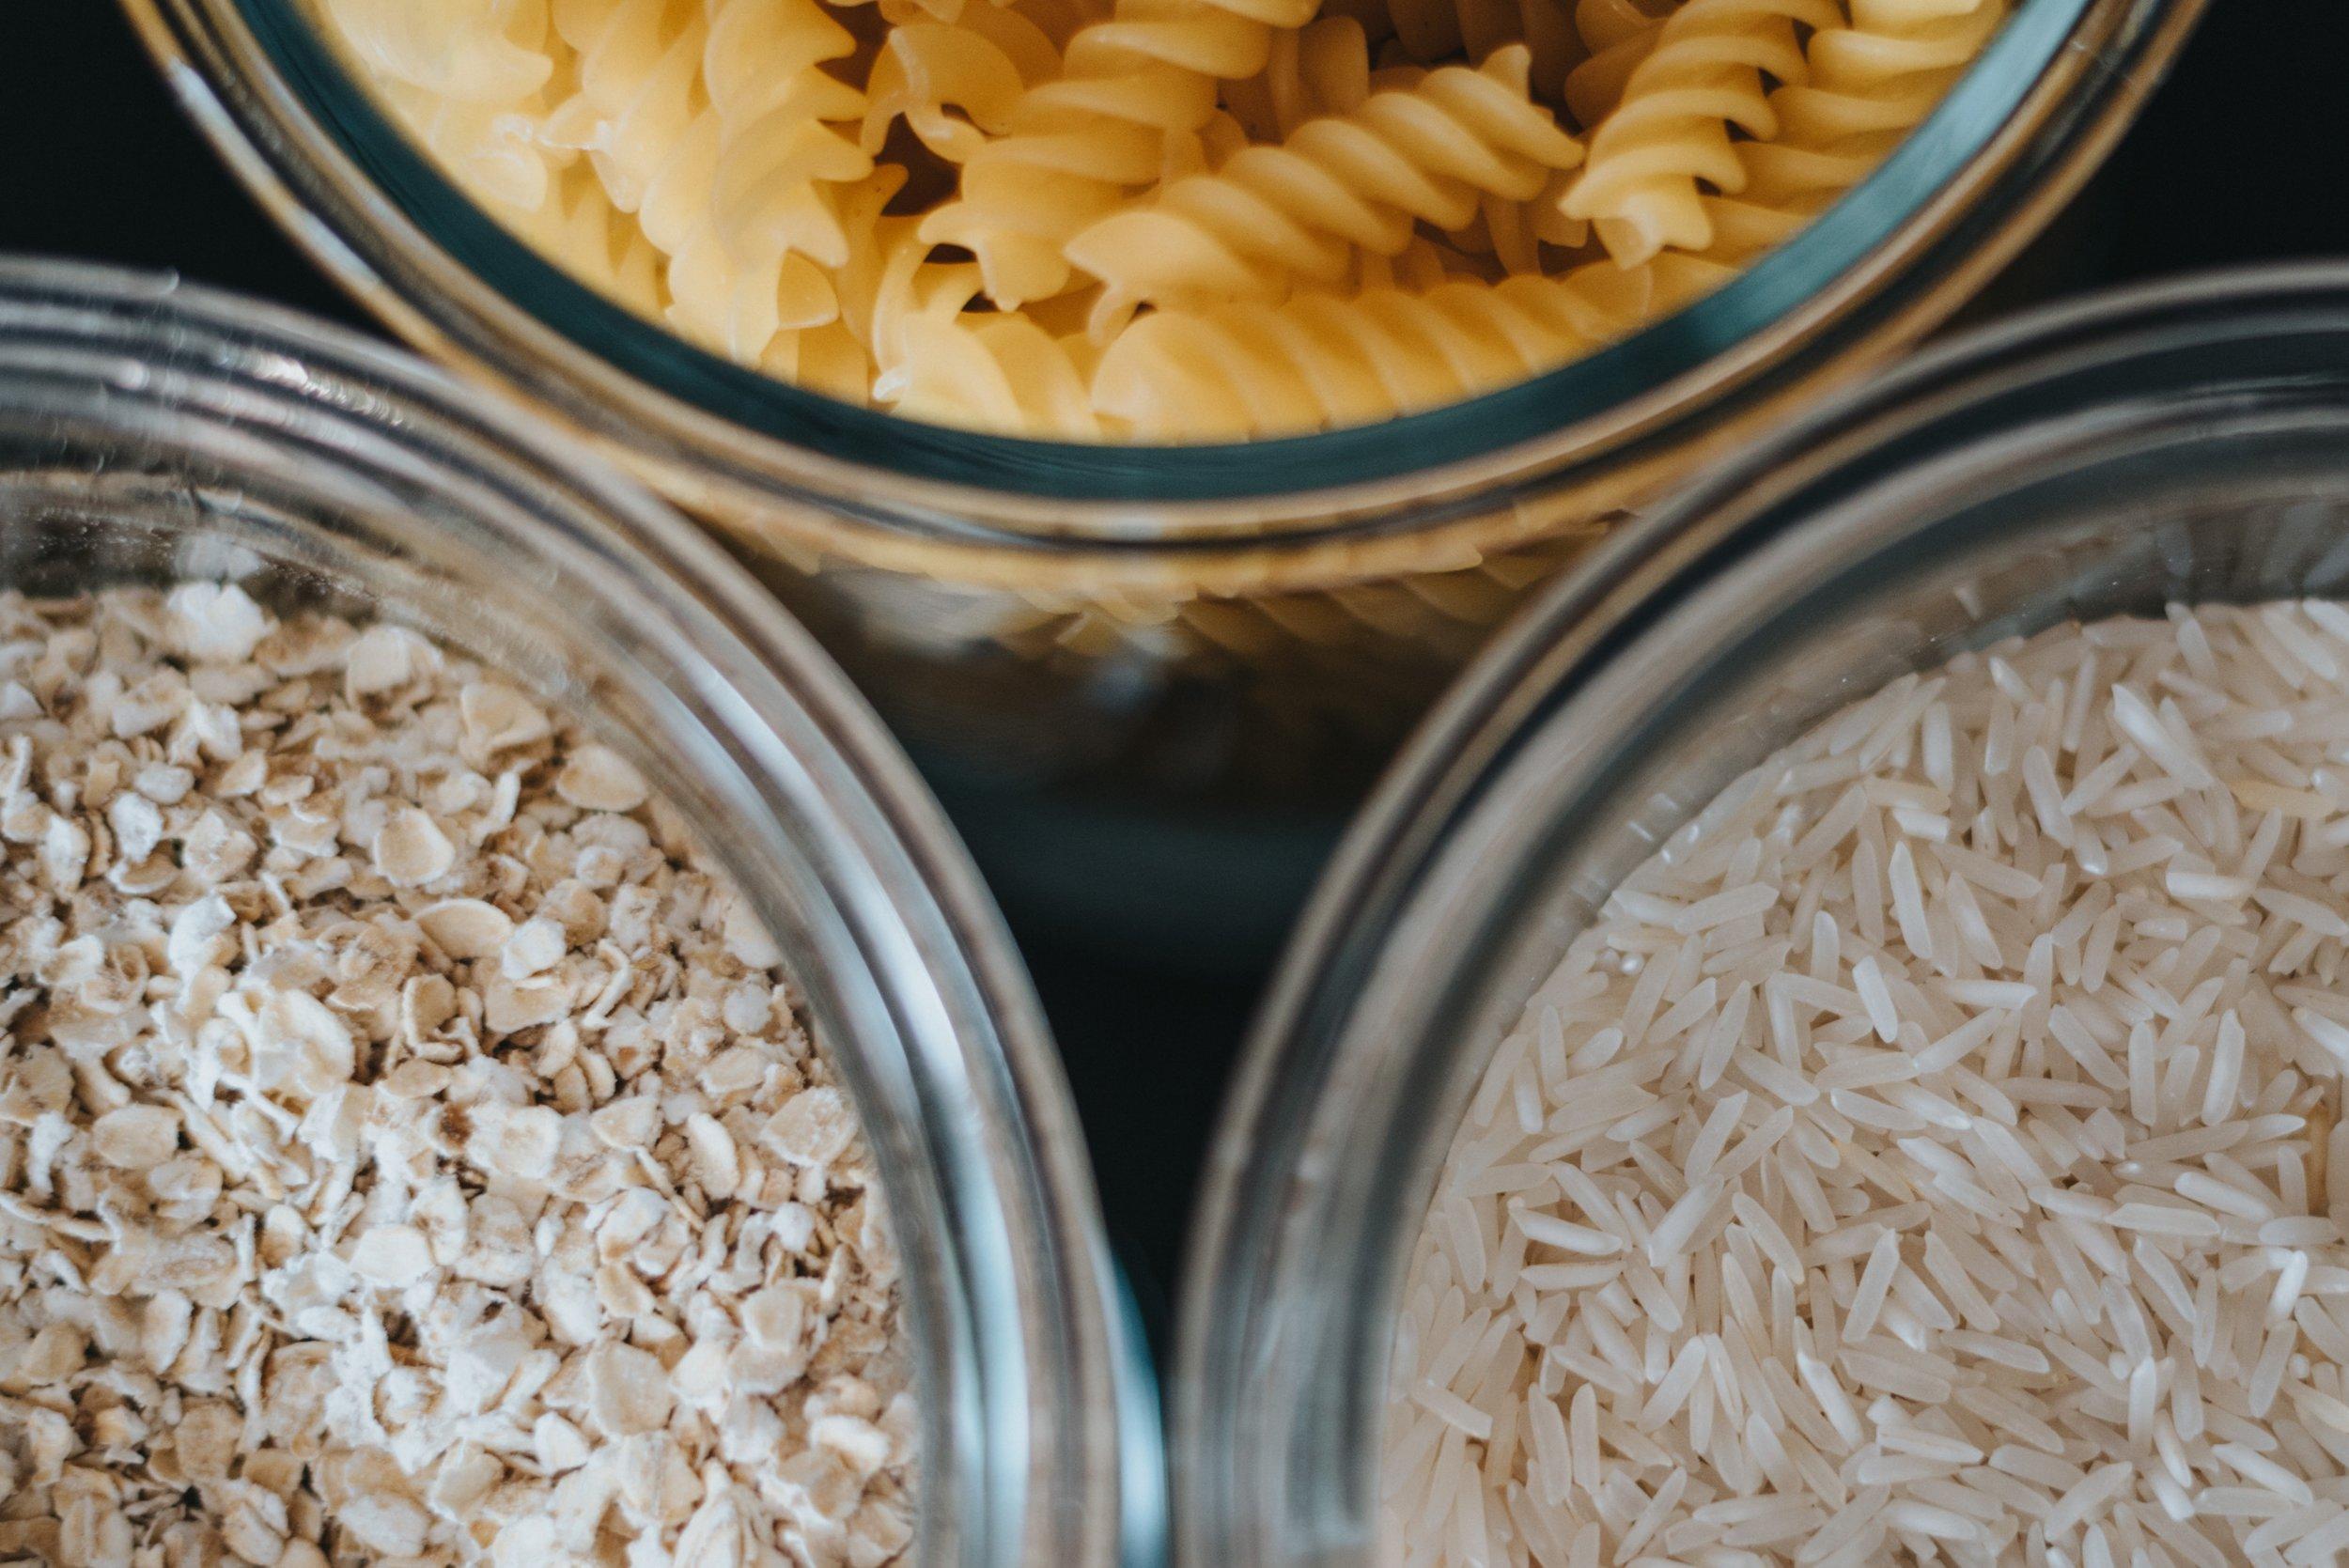 cereal-diet-dry-1166387.jpg